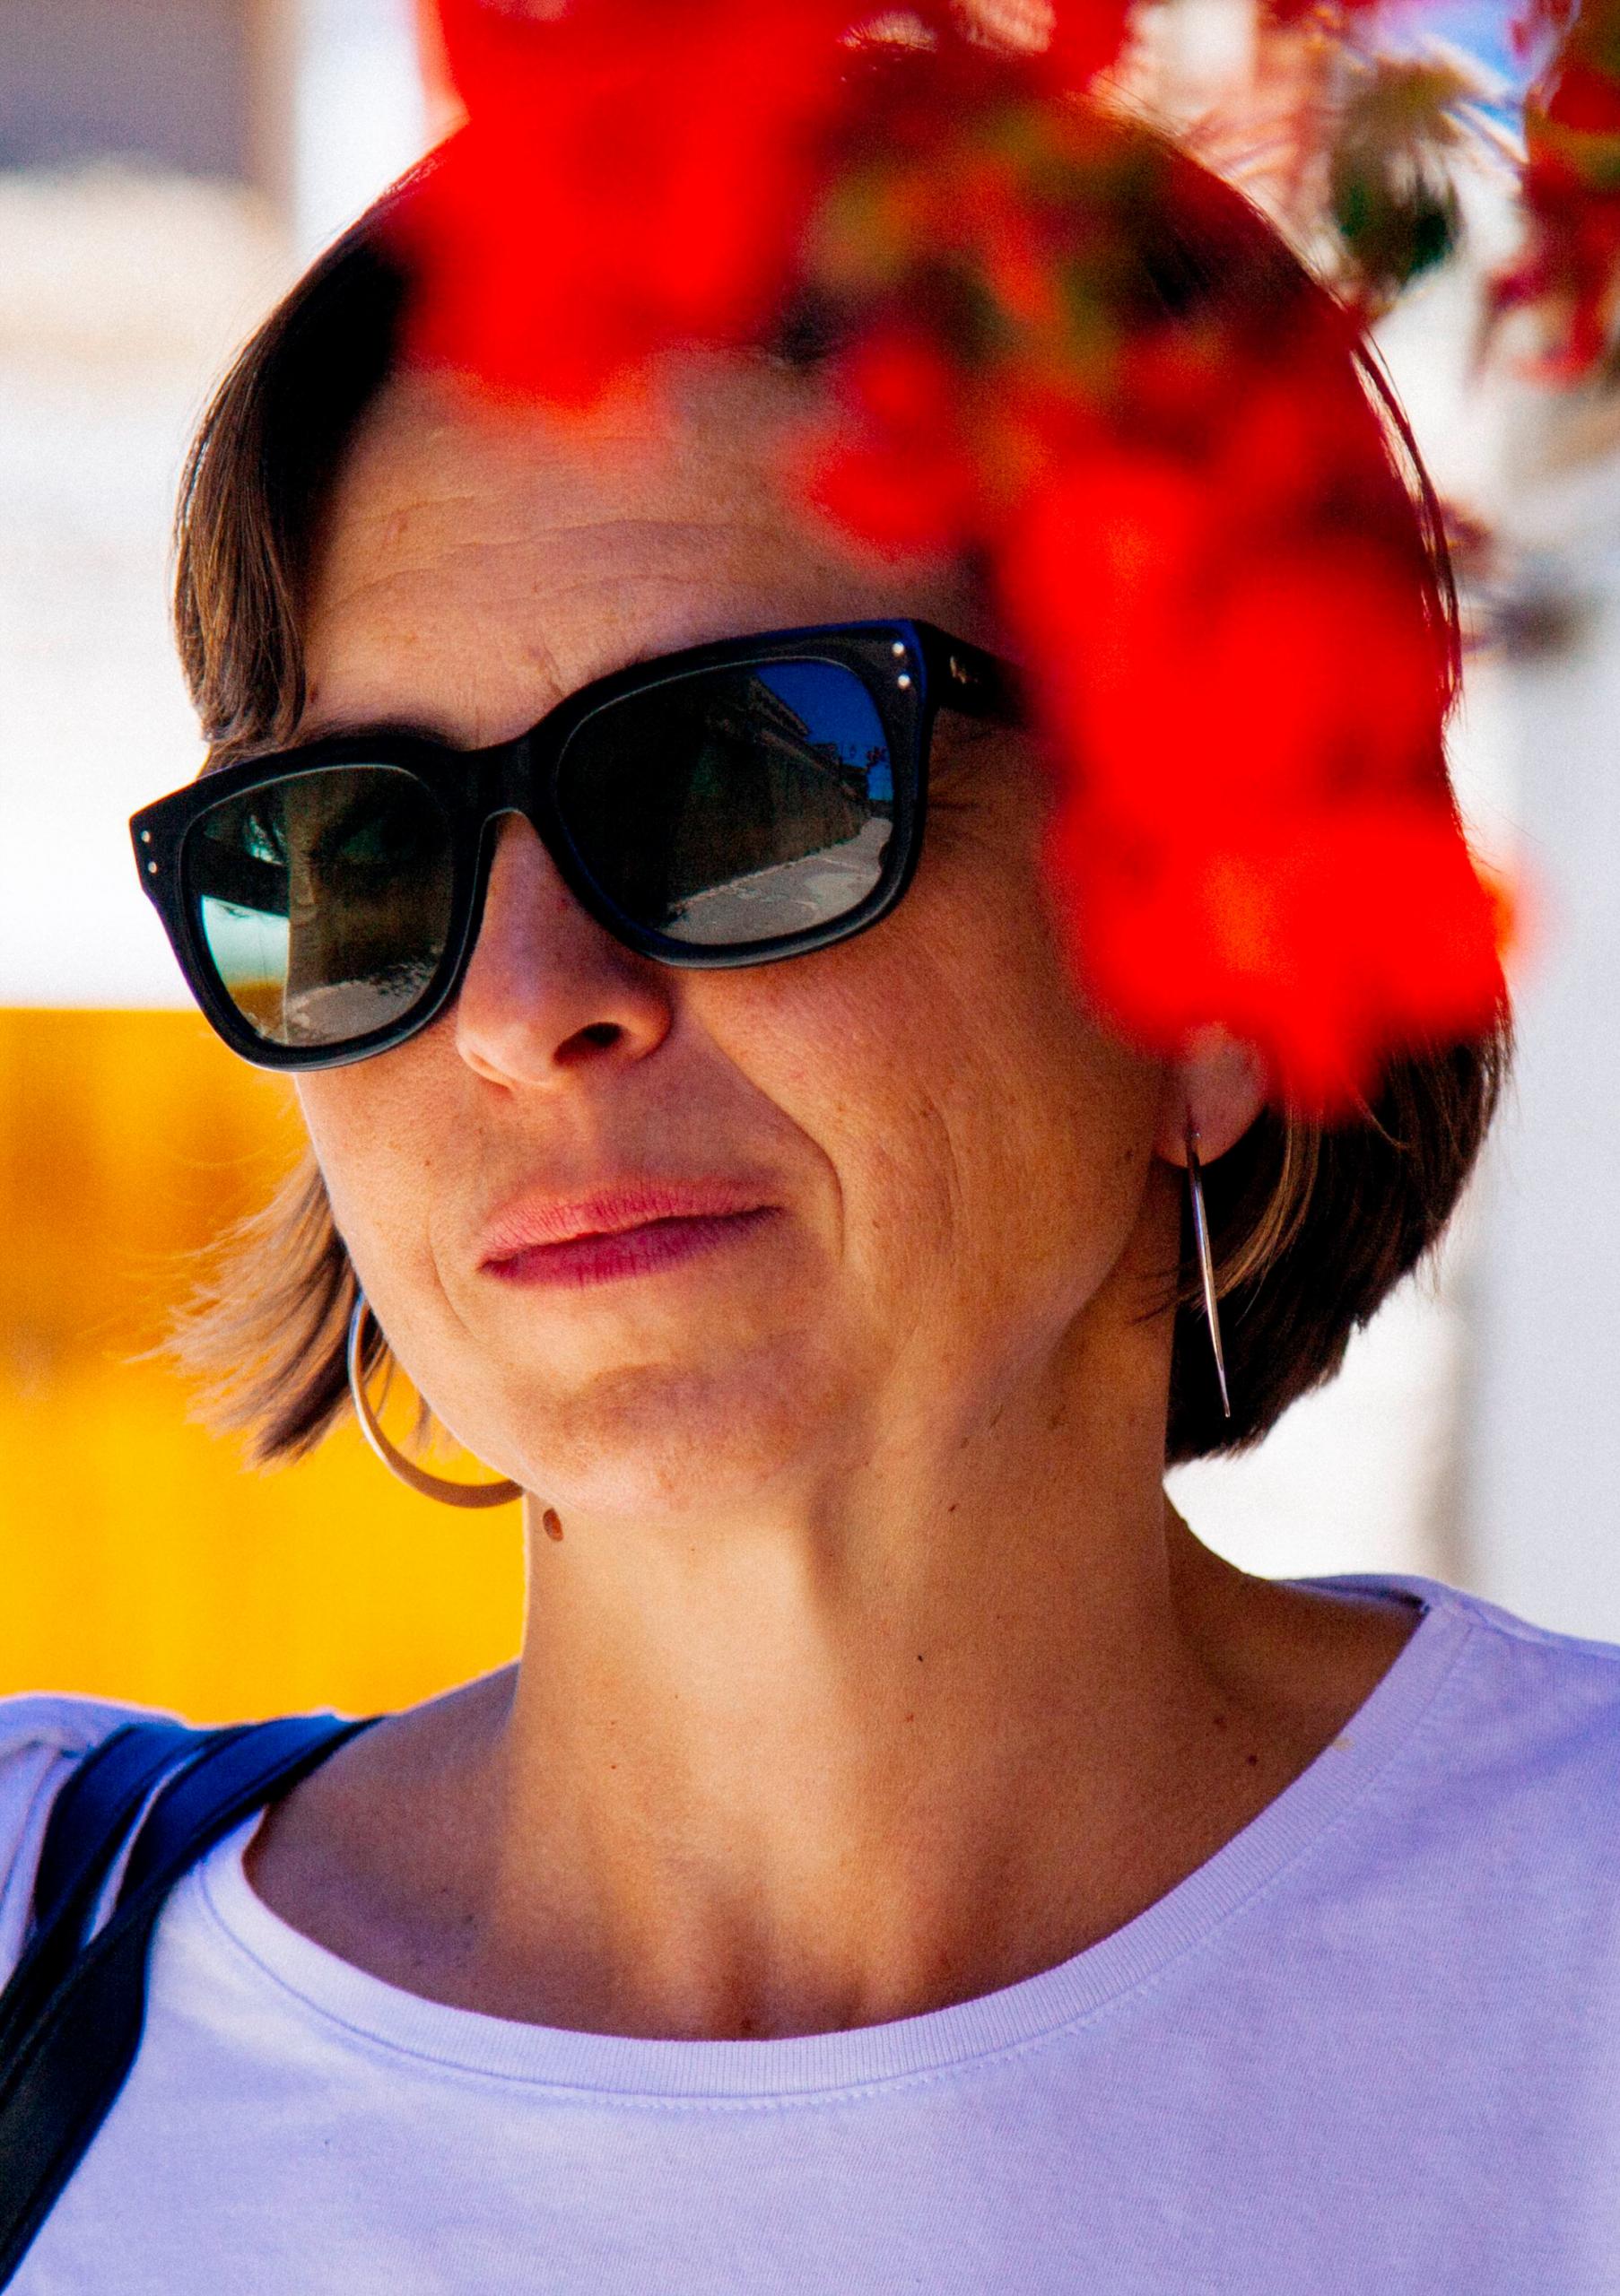 Olga Larrubia